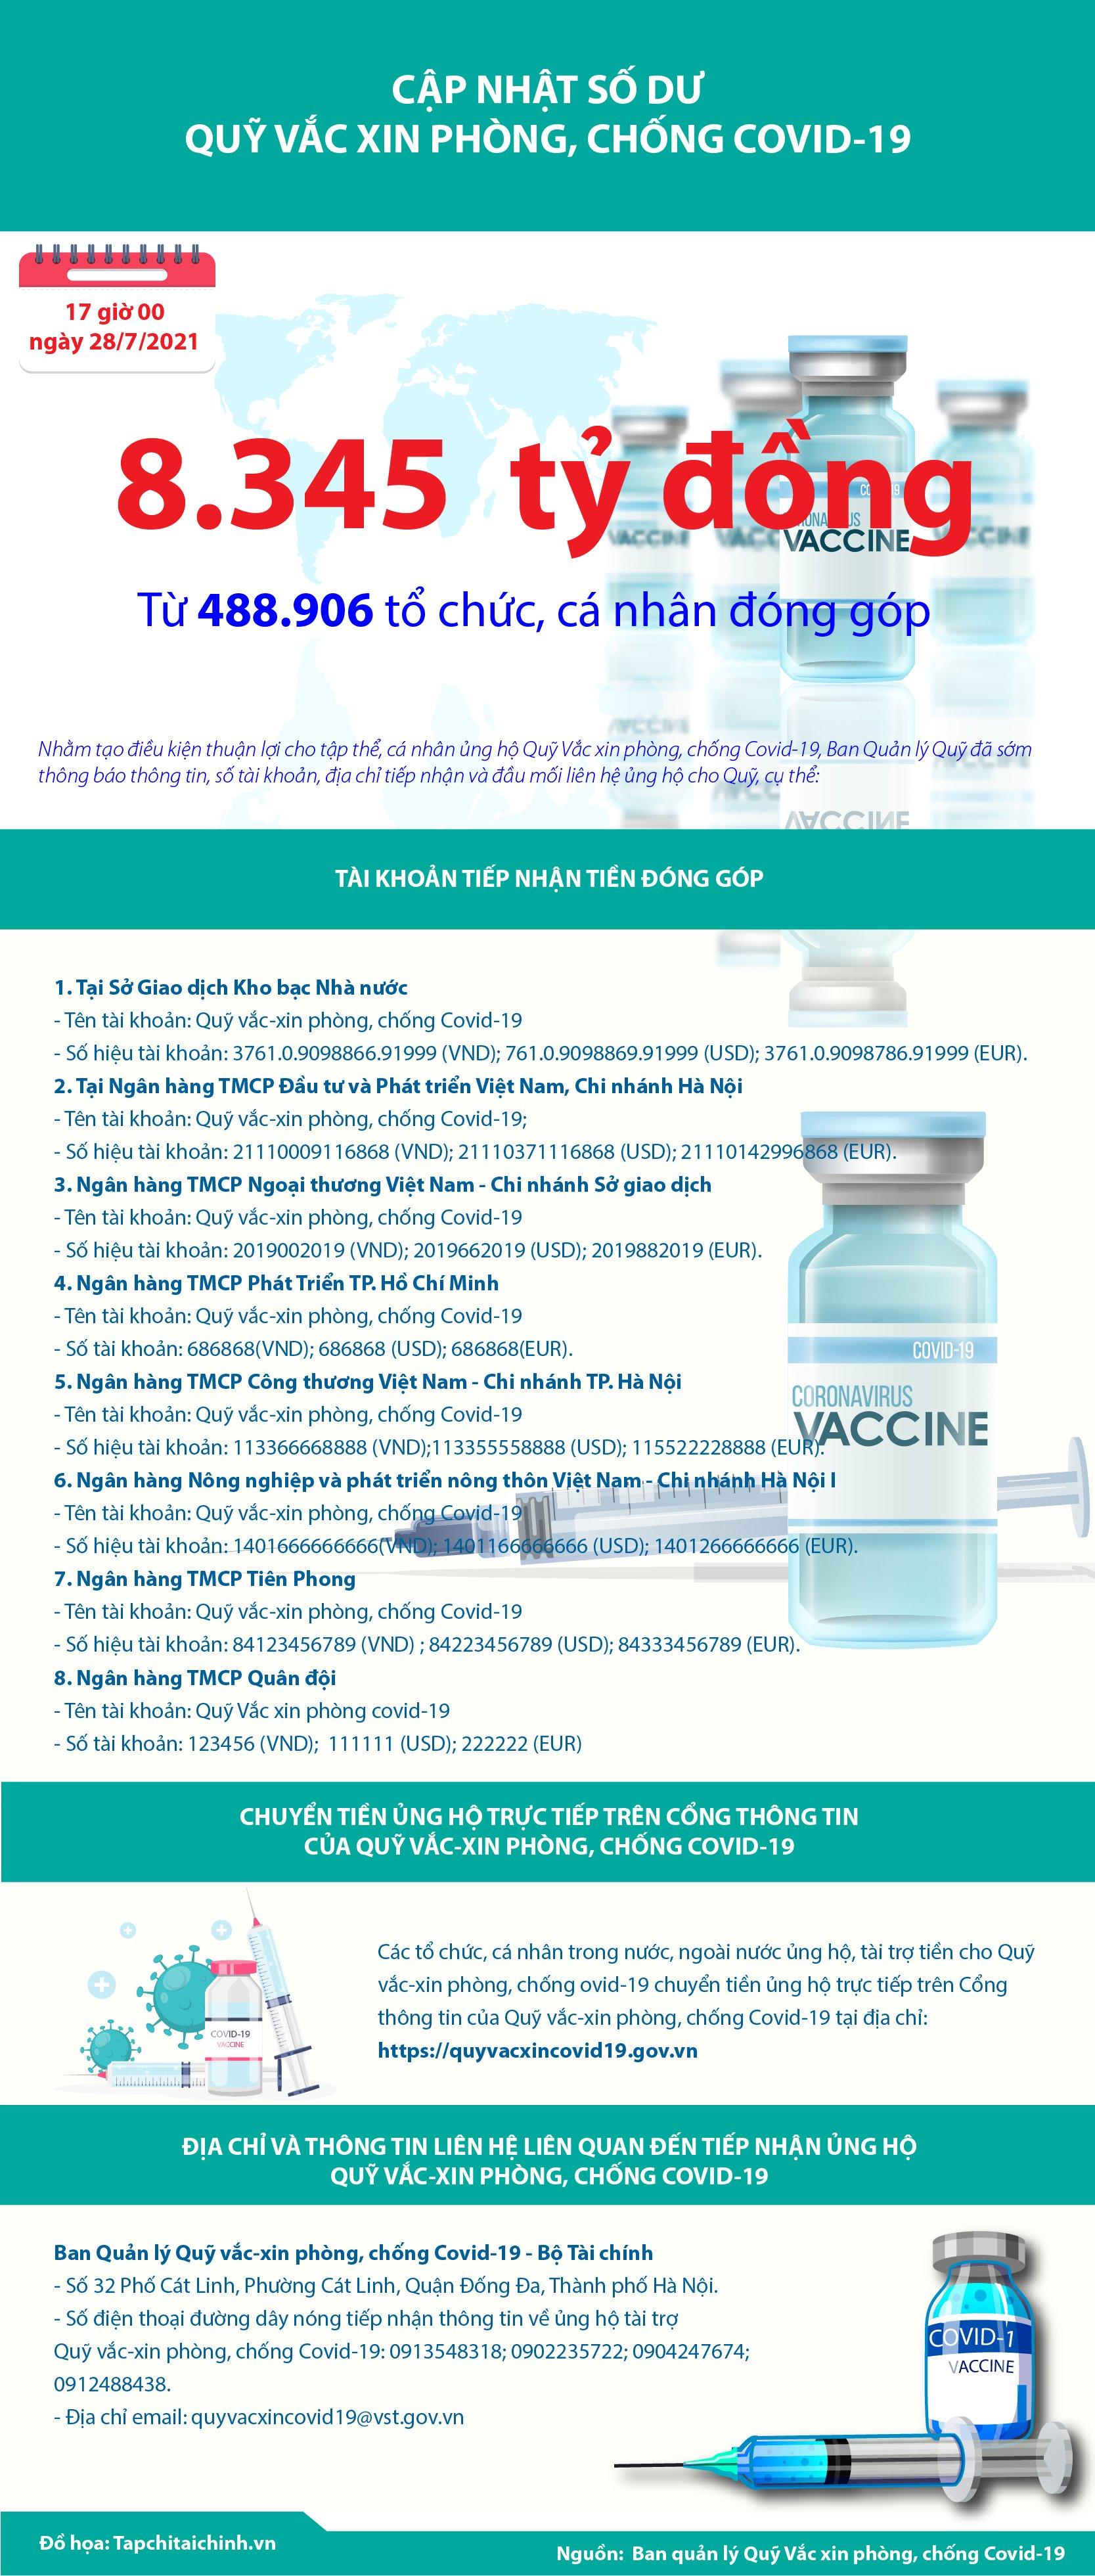 [Infographics] Quỹ Vắc xin phòng, chống Covid-19 đã tiếp nhận ủng hộ 8.345 tỷ đồng - Ảnh 1